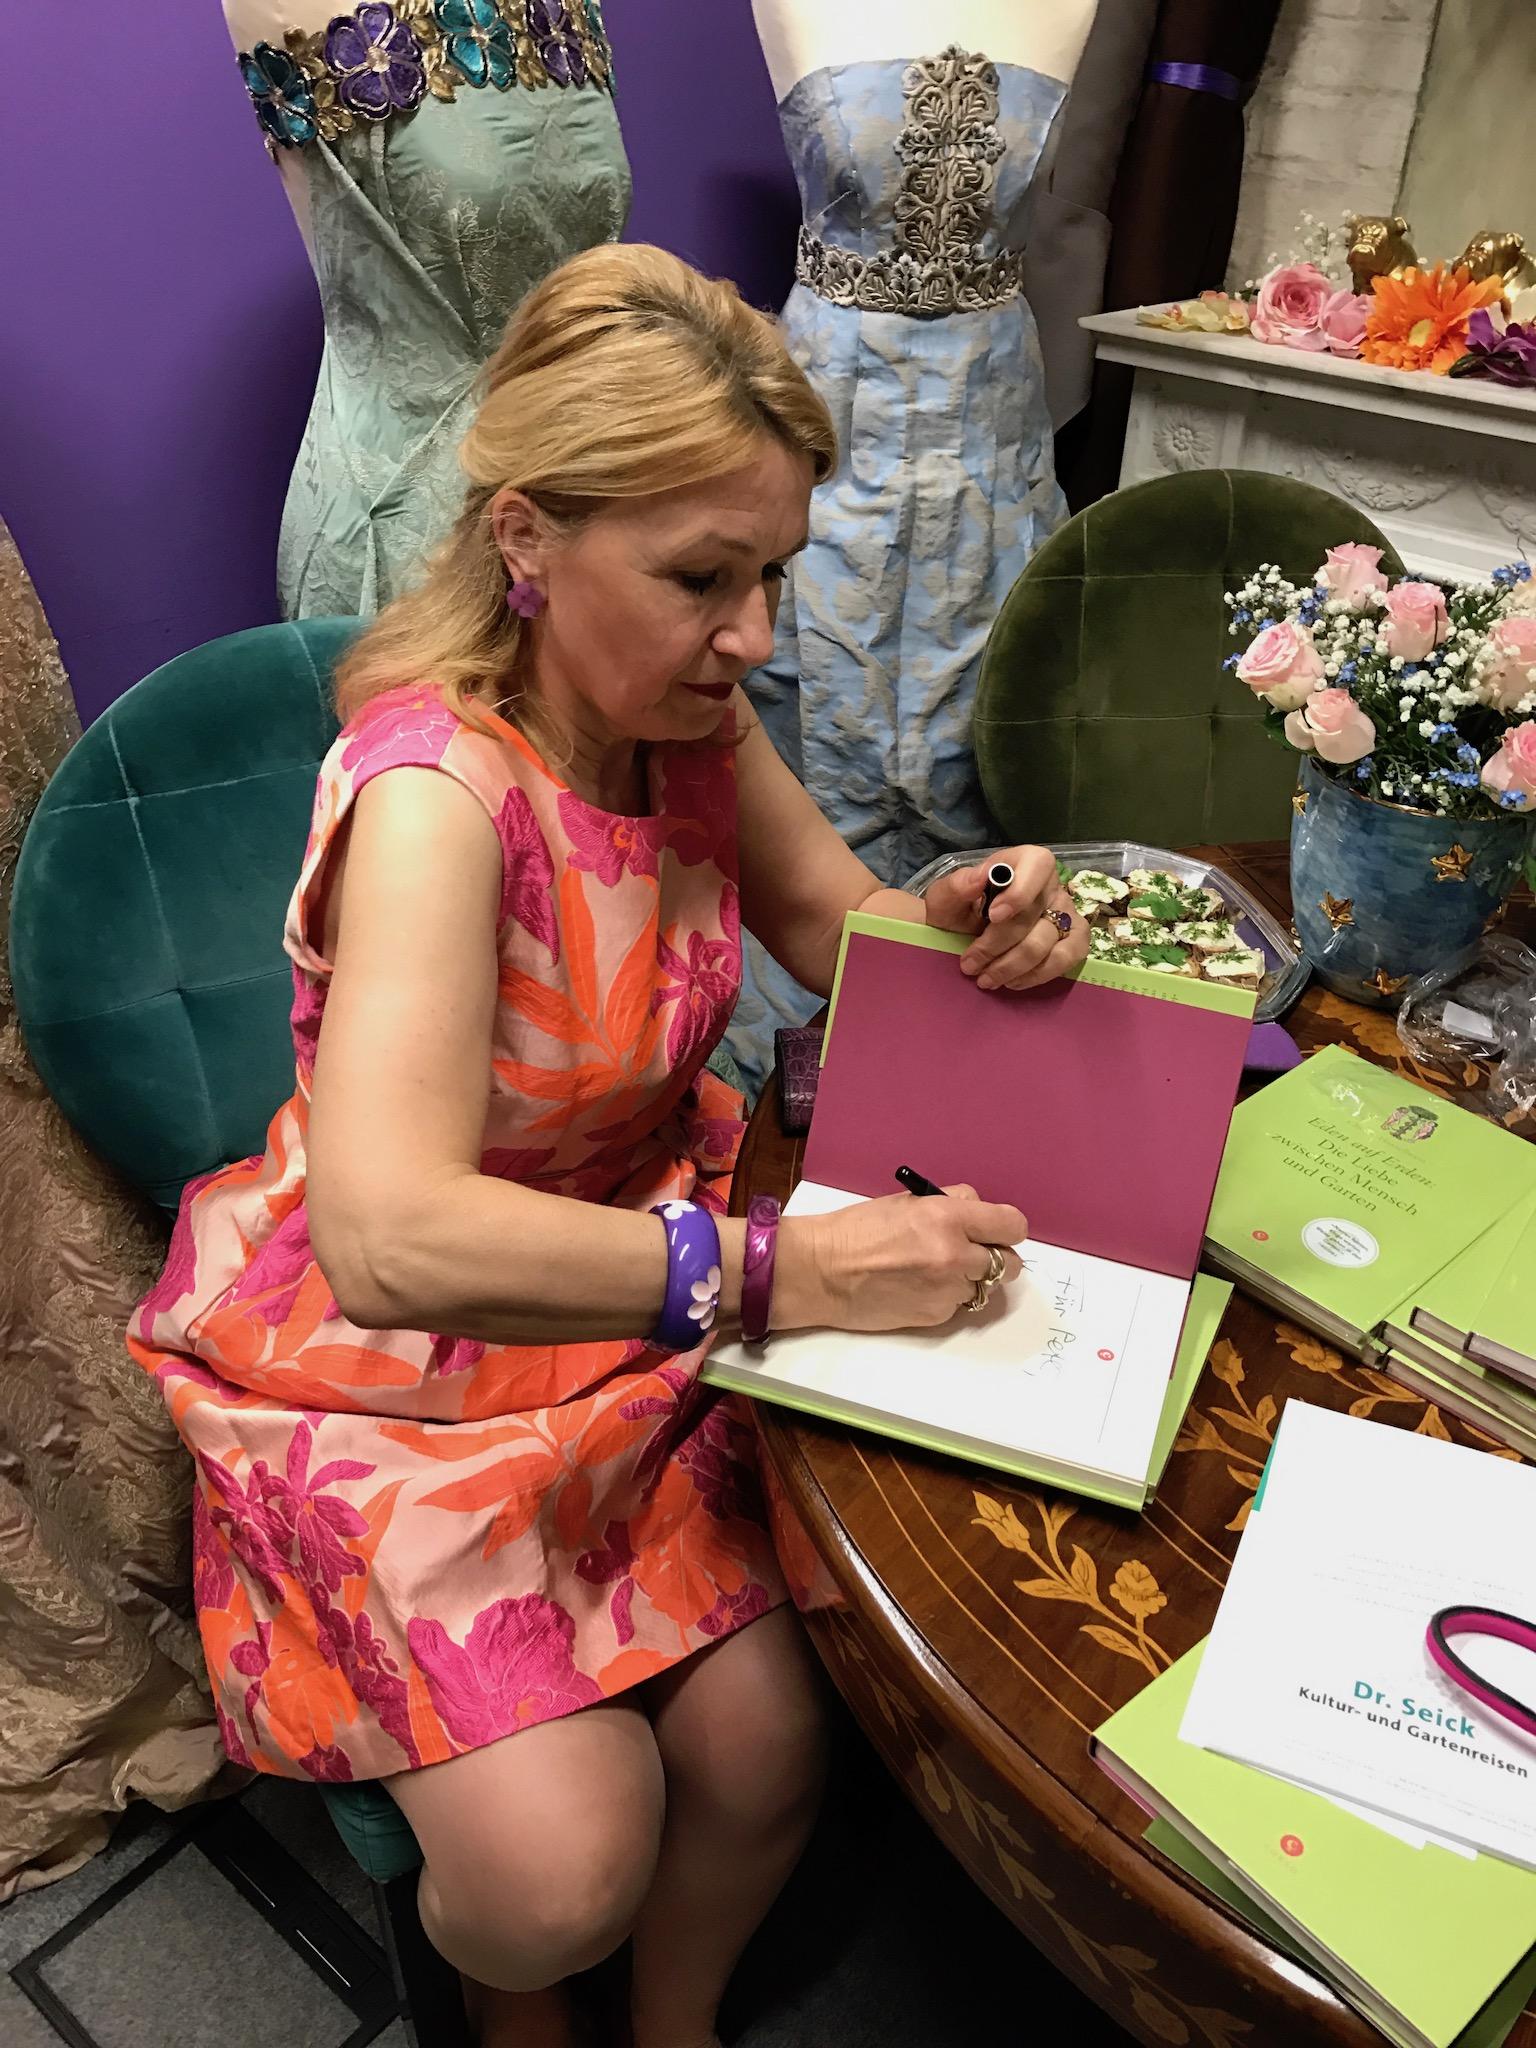 Christa Hasselhorst Eden auf Erden, Christa Hasselhorst Gärtnerin und Autorin, Lifestyle-Blog, Lieblingsstil.com